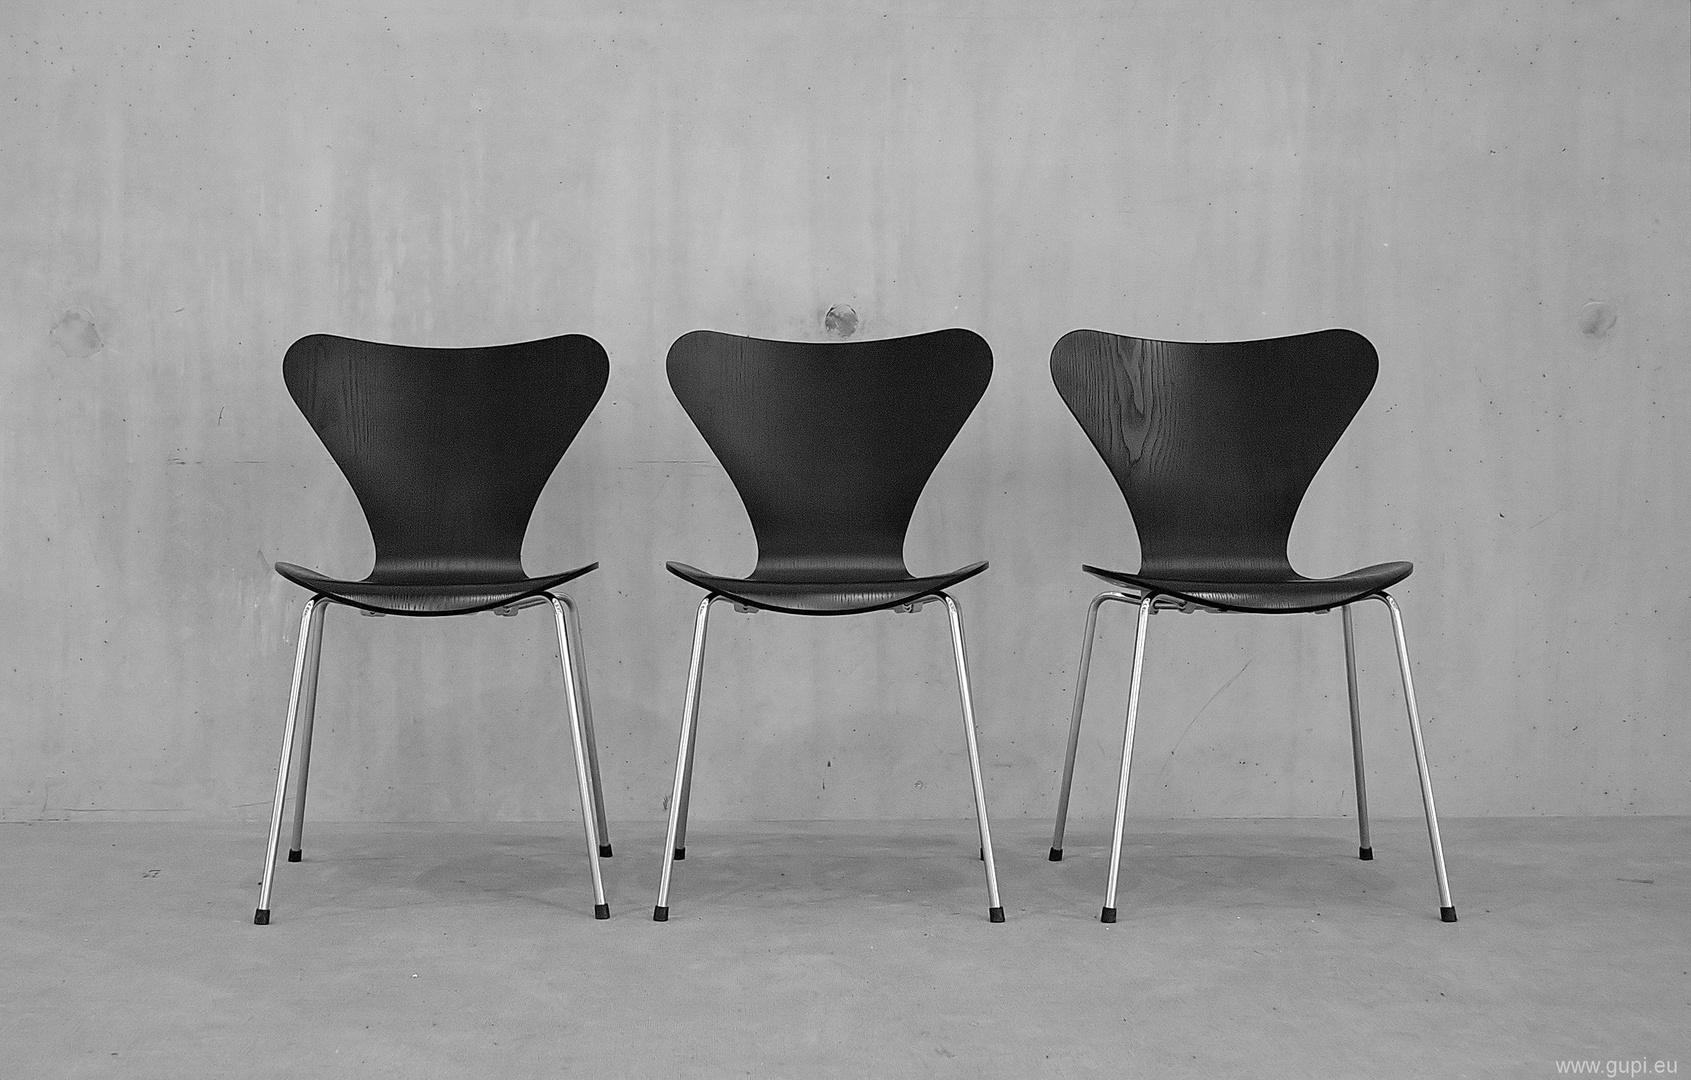 schlicht ii foto bild m bel sitzm bel alltagsdesign bilder auf fotocommunity. Black Bedroom Furniture Sets. Home Design Ideas